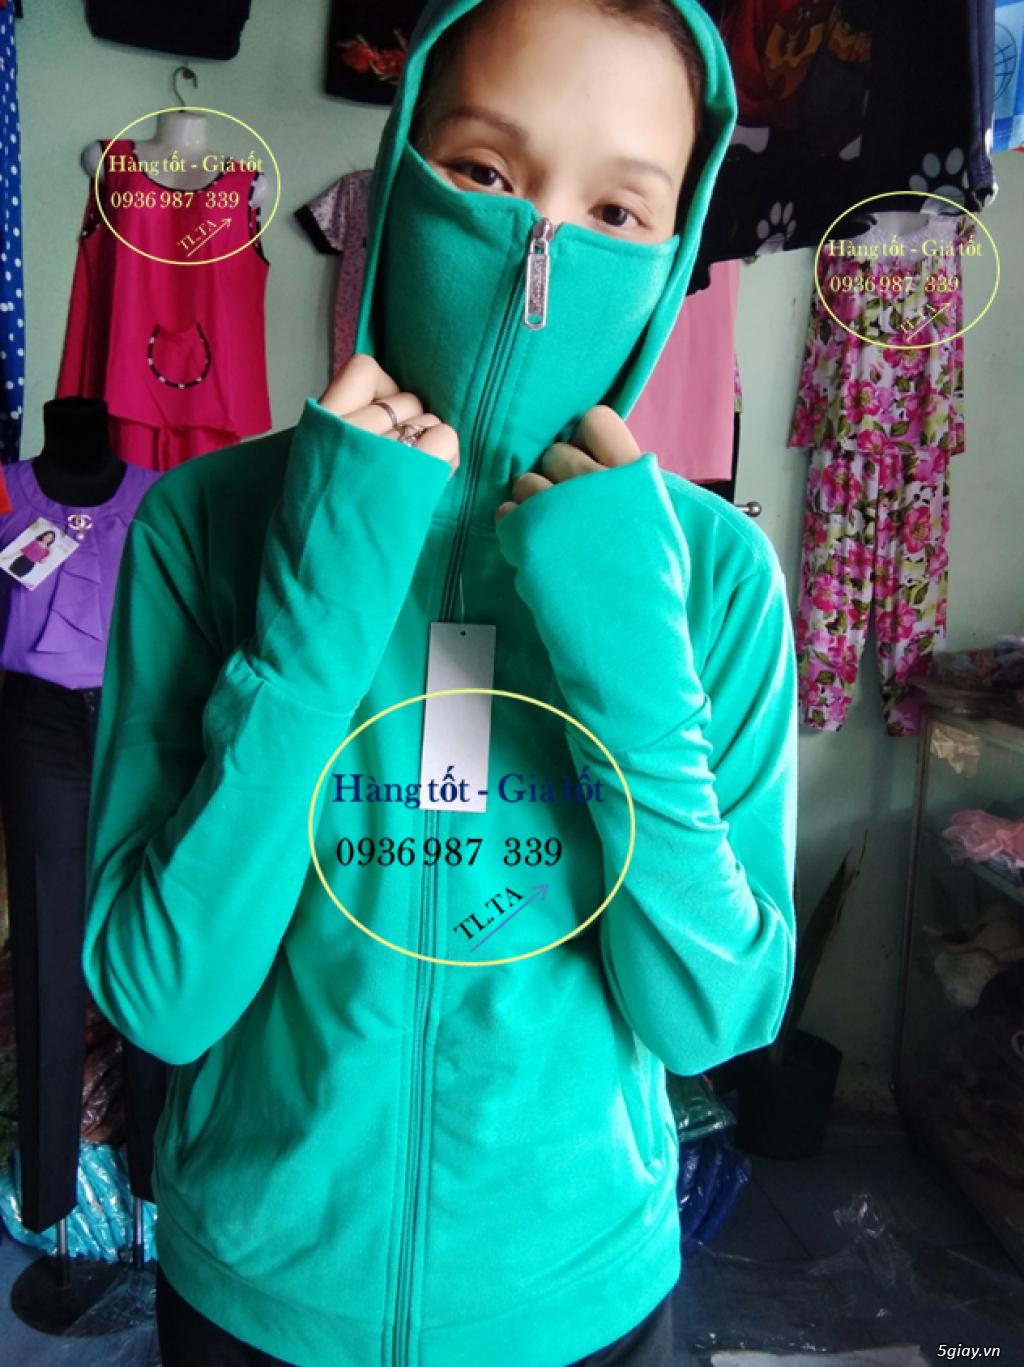 Chuyên cung cấp áo khoác chống nắng có khẩu trang giá sỉ - 0936987339